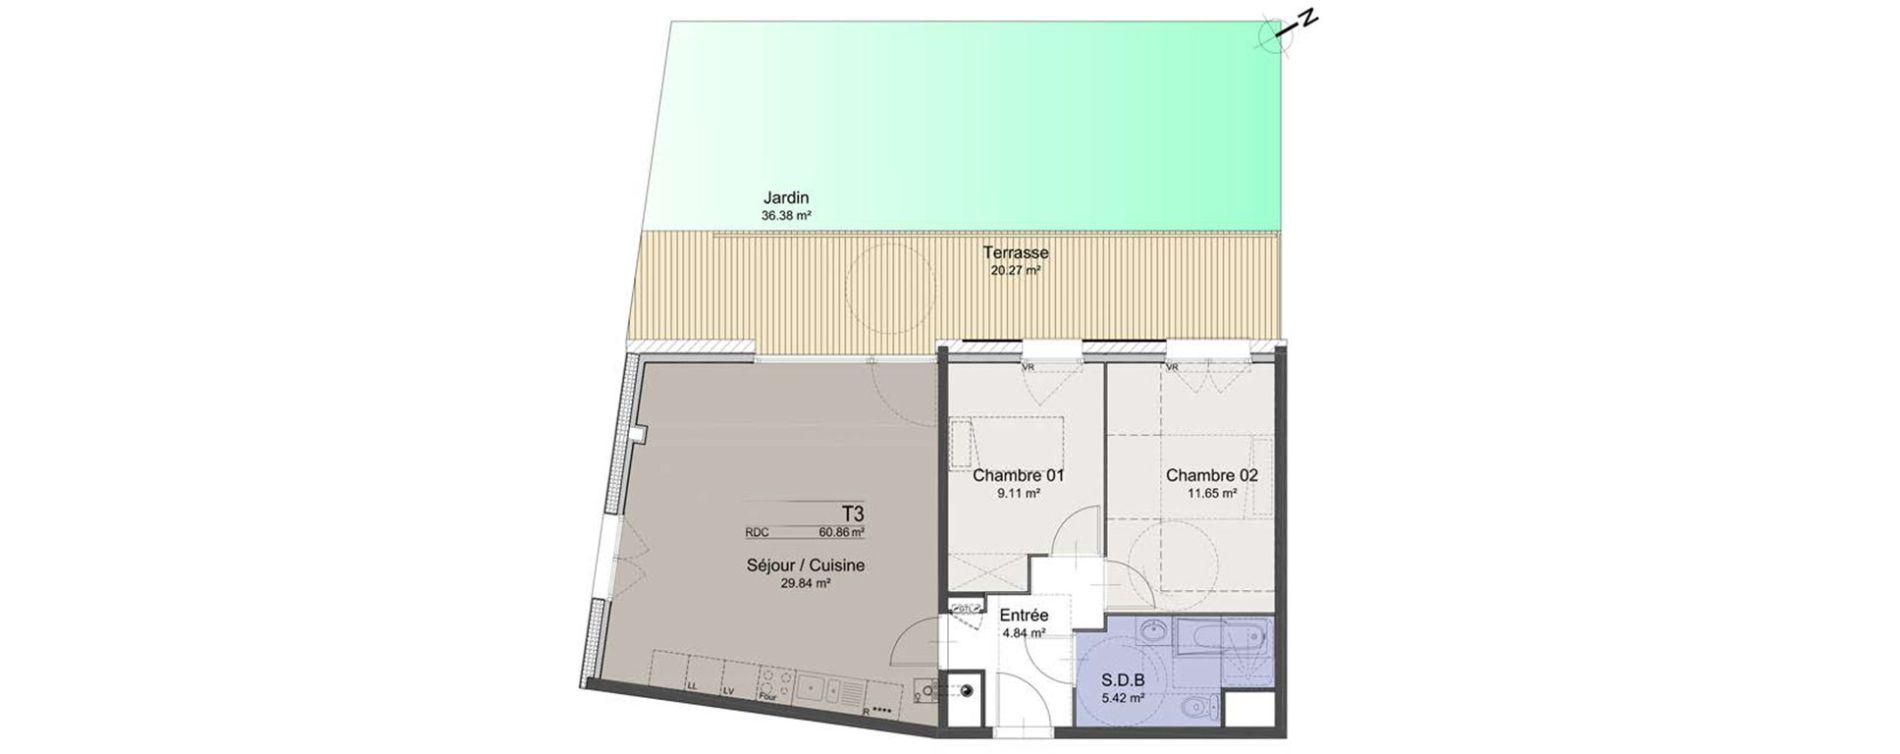 Appartement T3 de 60,86 m2 à Roubaix Roubaix vauban